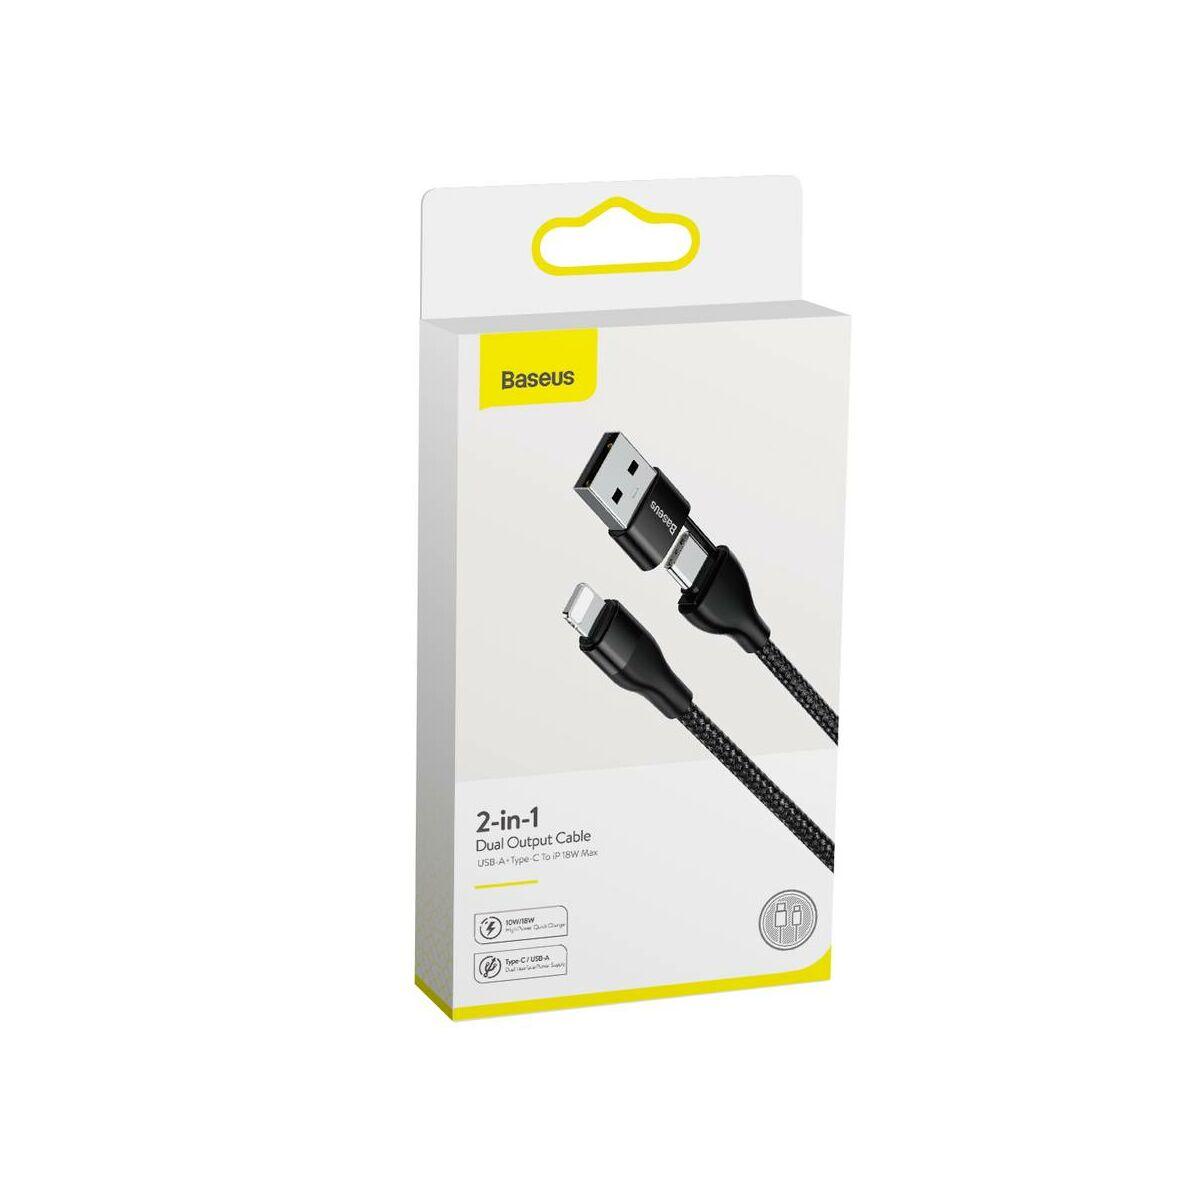 Baseus Univerzális kábel, 2-in-1 Dupla kimenetes USB-A + Type-C változtatható, Lightning töltő fejjel, 18W 1m, fekete (CATLYW-G01)